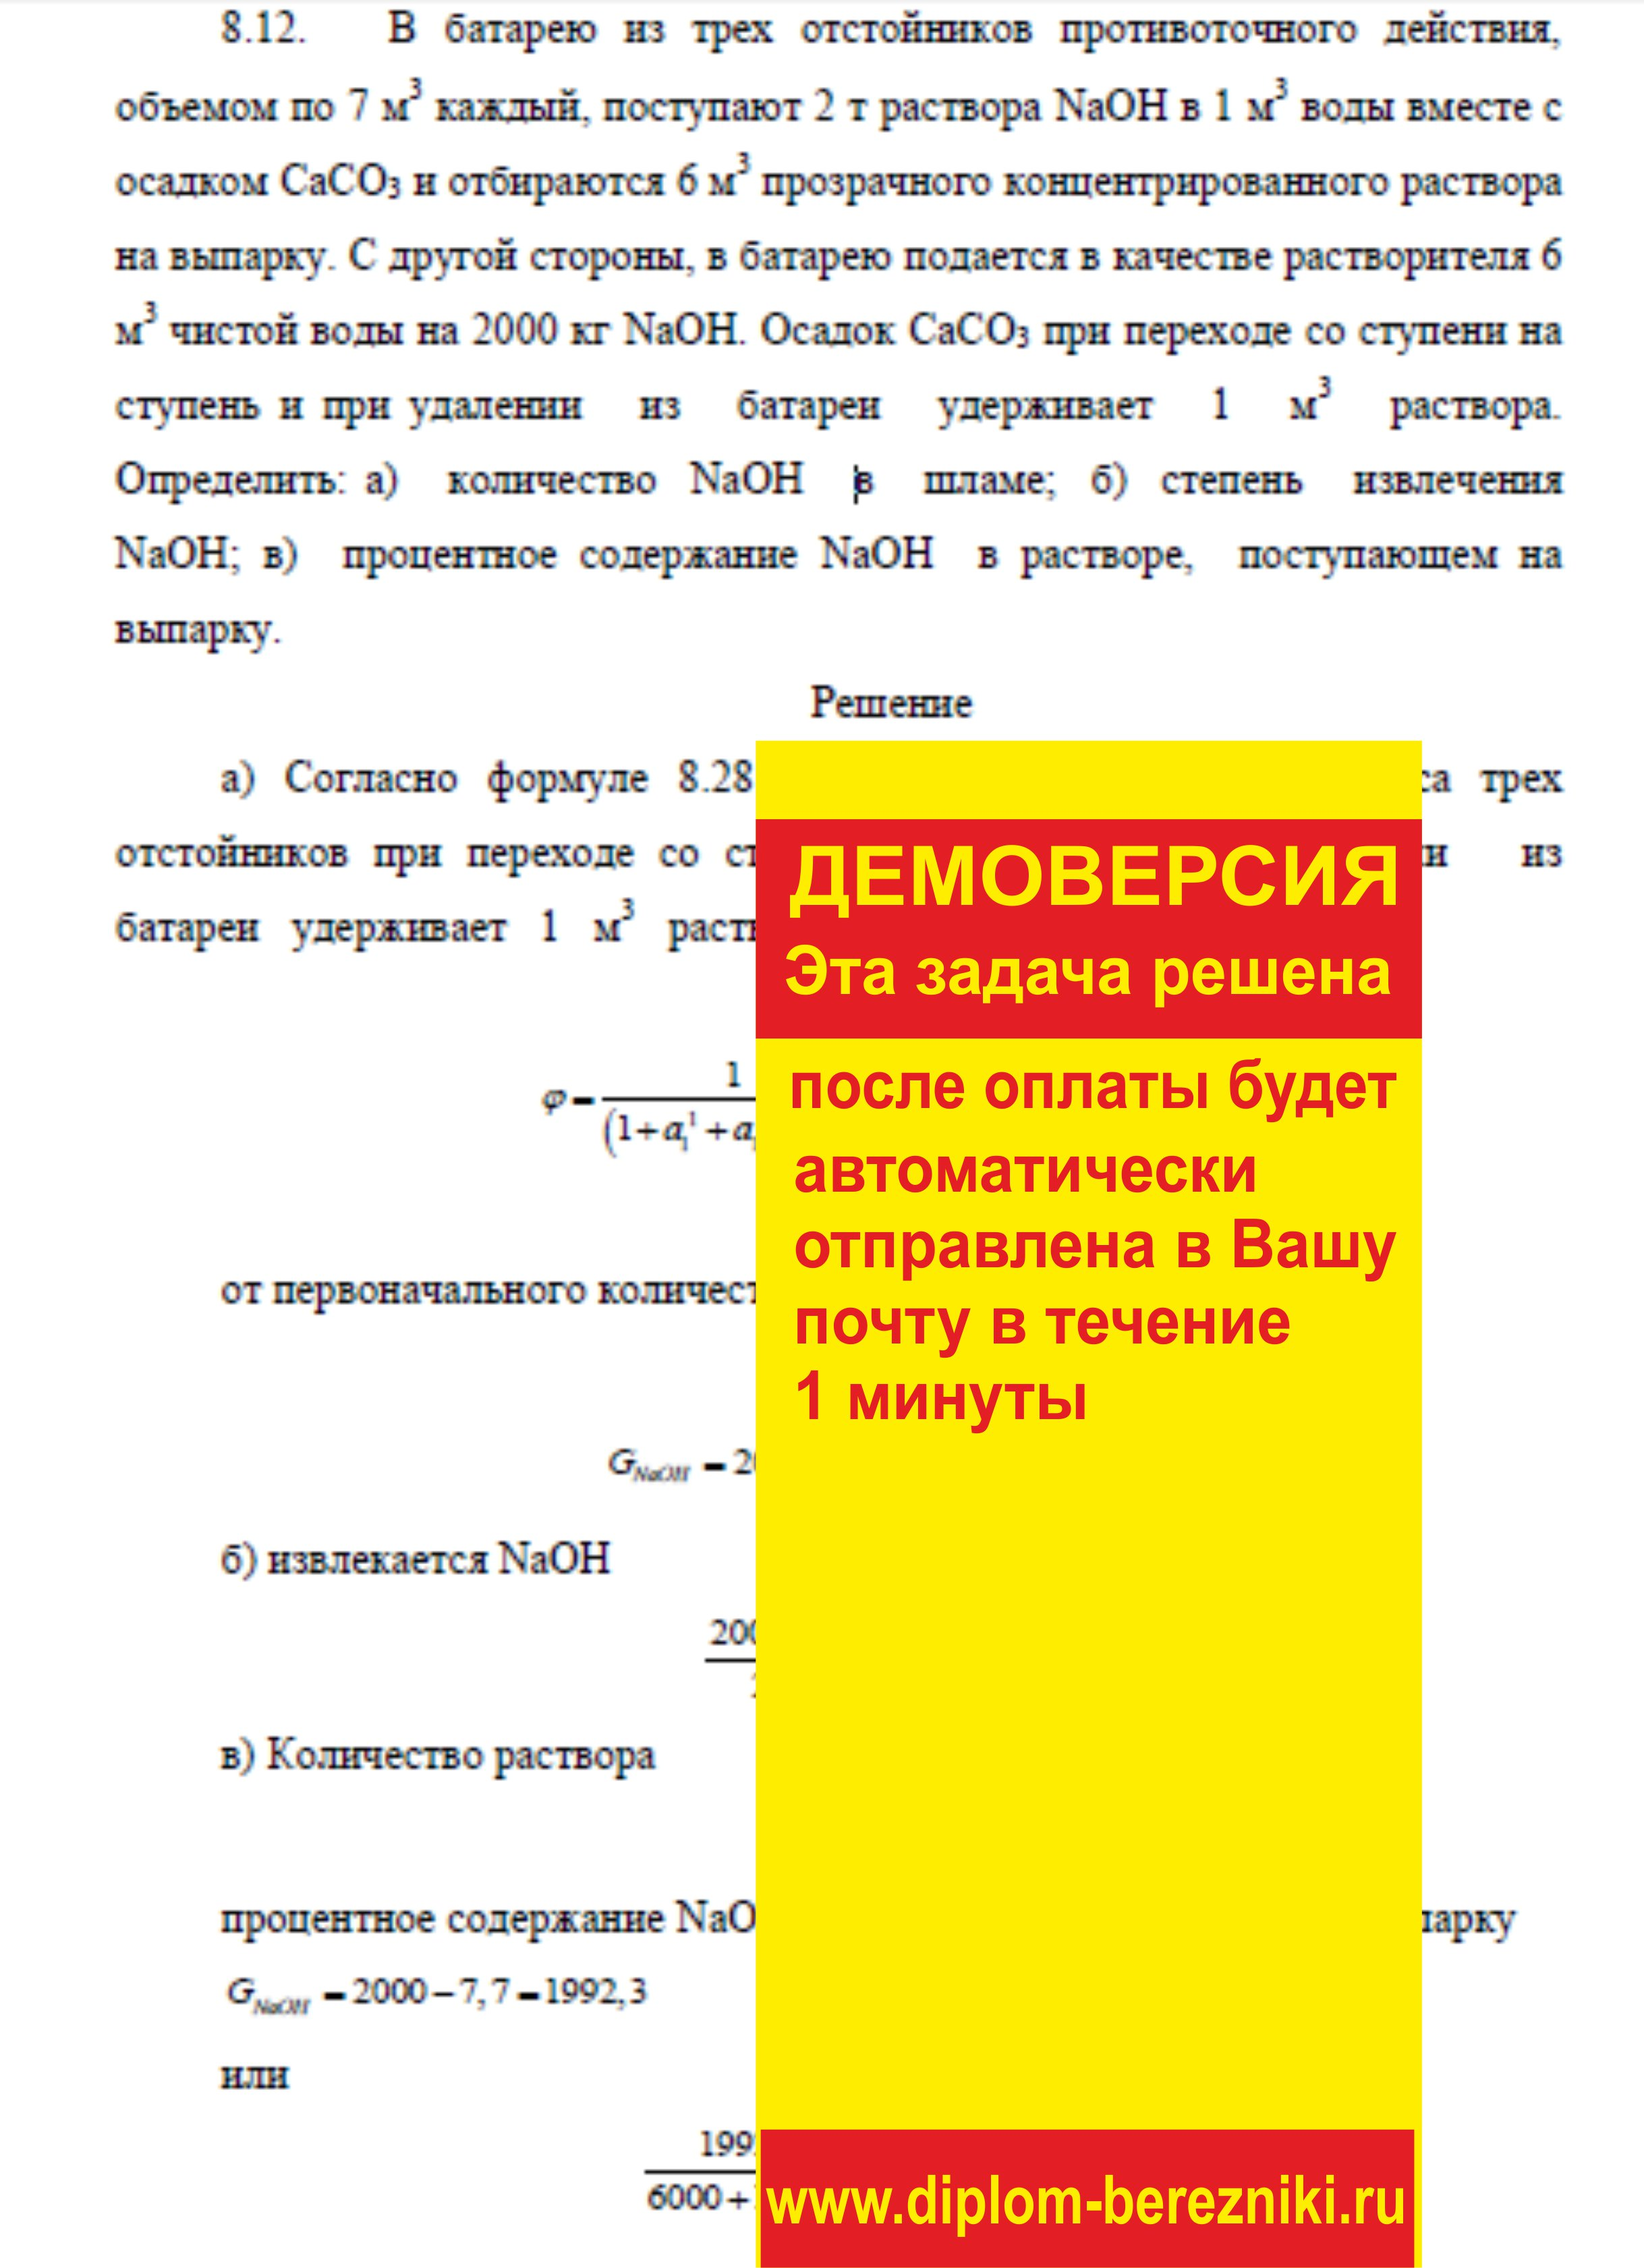 Решение задачи 8.12 по ПАХТ из задачника Павлова Романкова Носкова